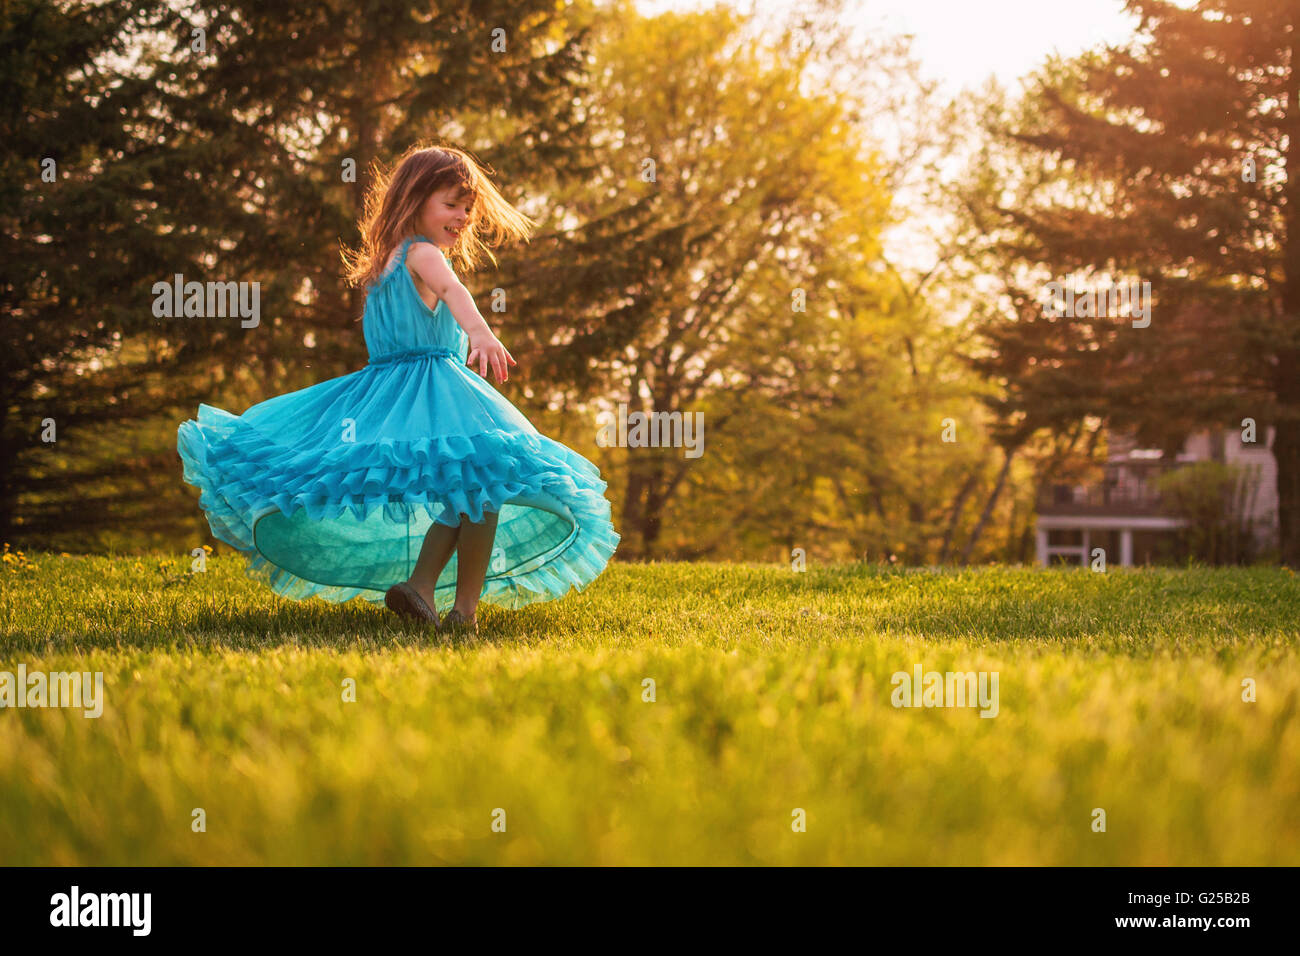 Ragazza nel giardino di girare intorno a un abito Foto Stock